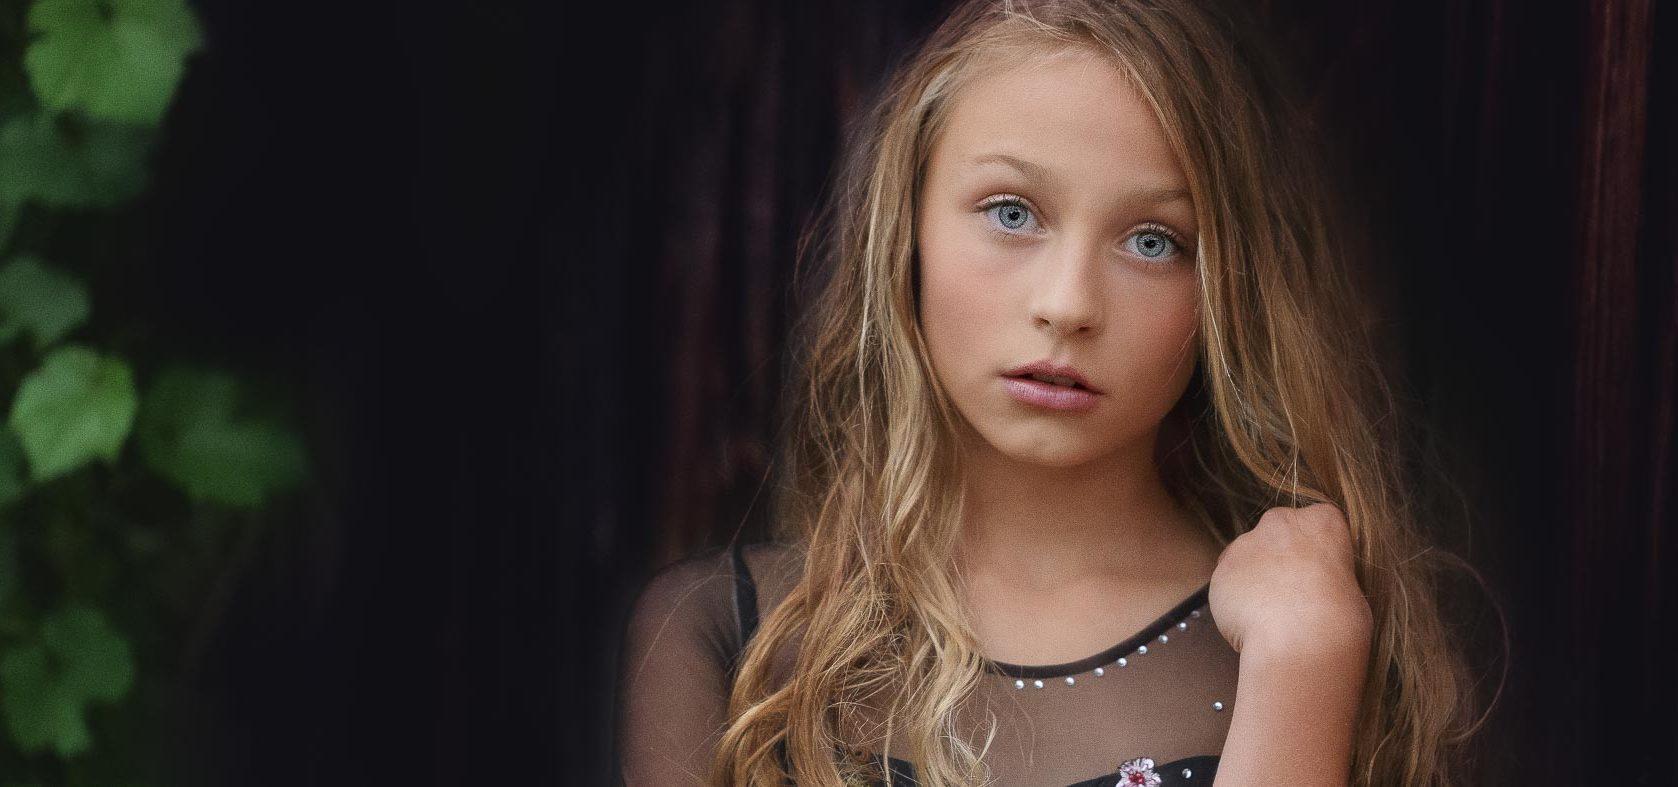 Verträumt im Regen, Anke Benen Photography, Kinderfotografie, das besondere Fotoshooting, magische Momente, Mädchen, Fotografie